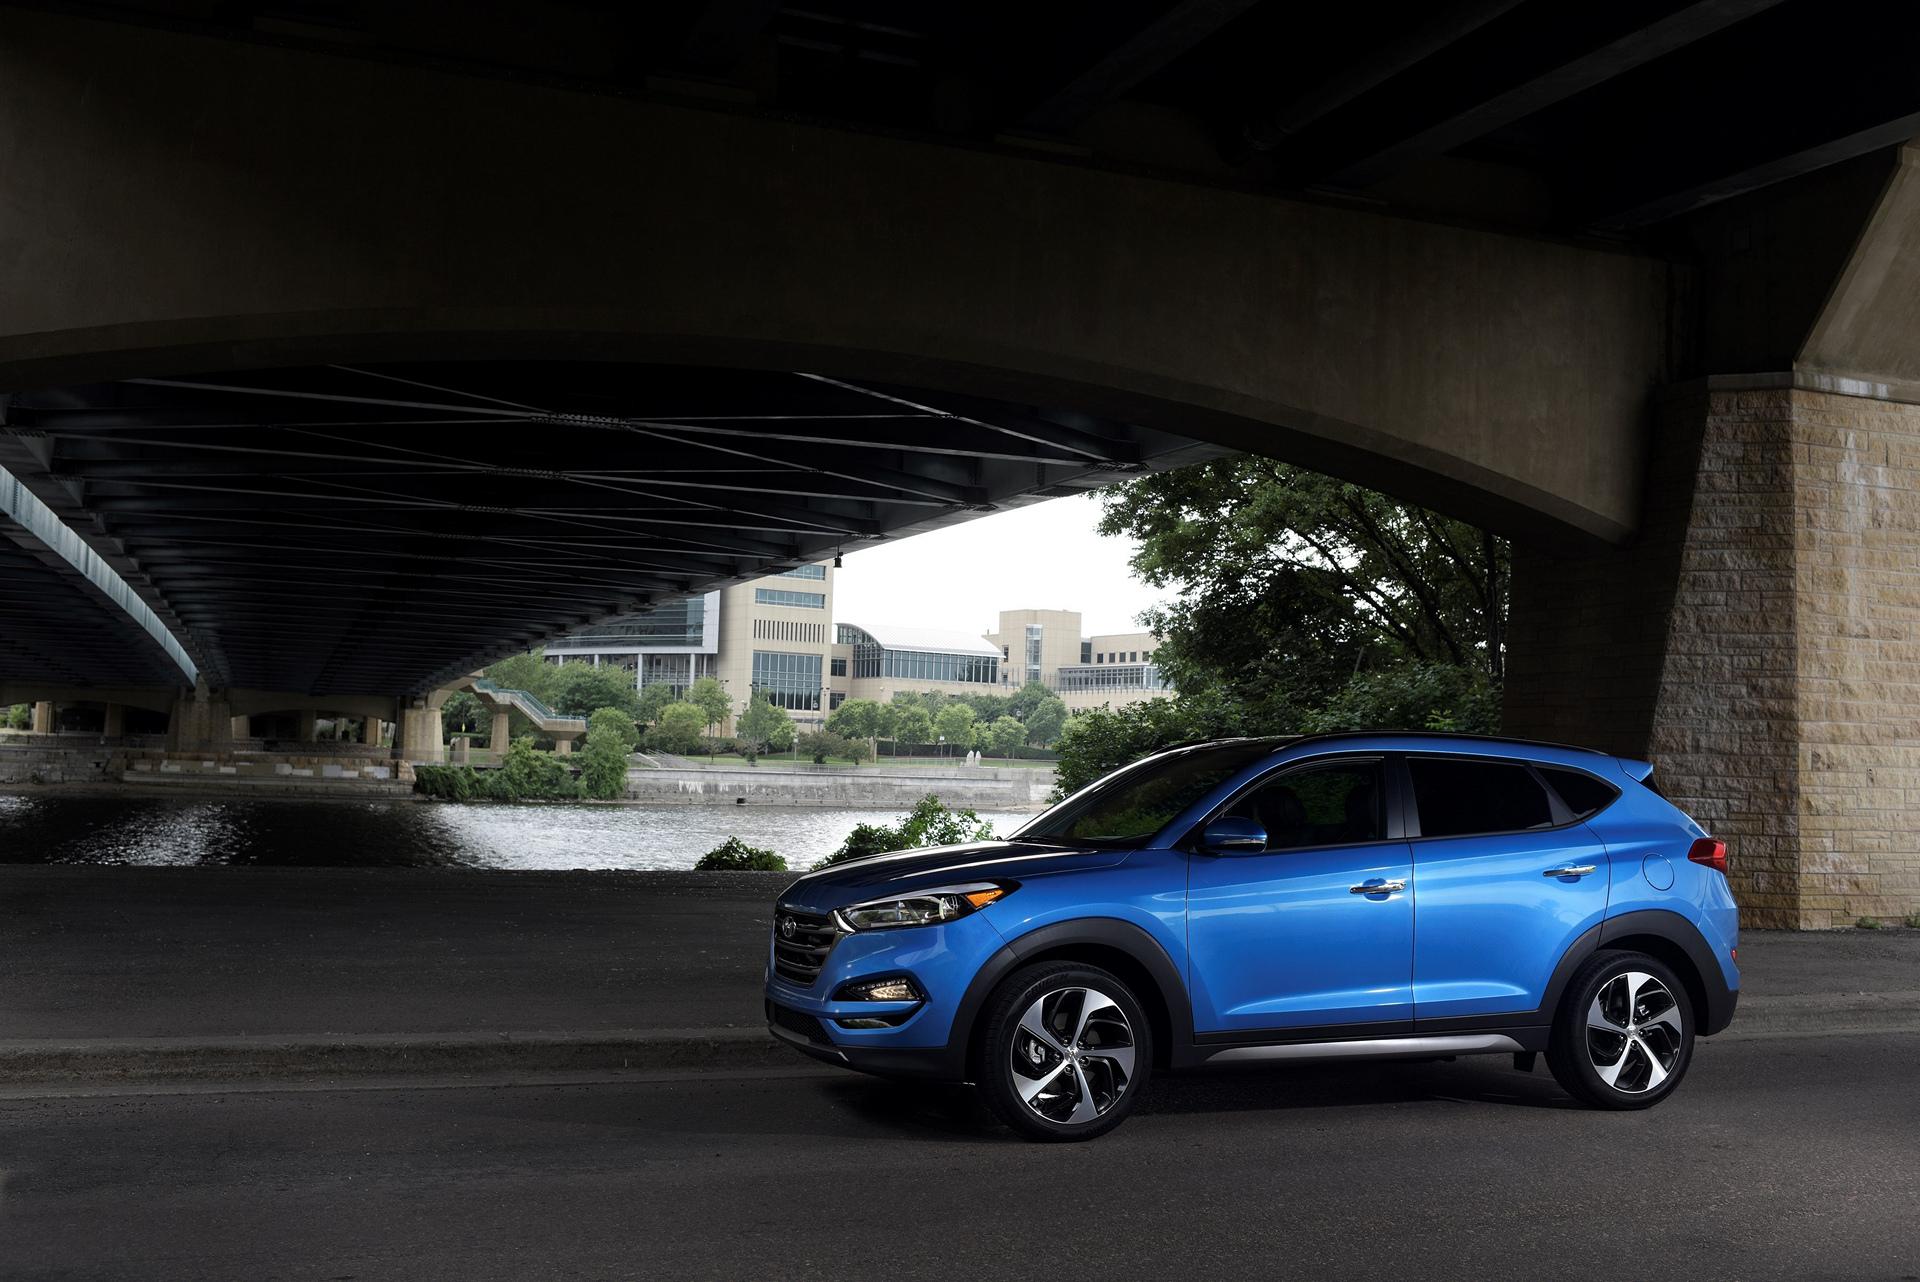 2017 Hyundai Tucson © Hyundai Motor Company